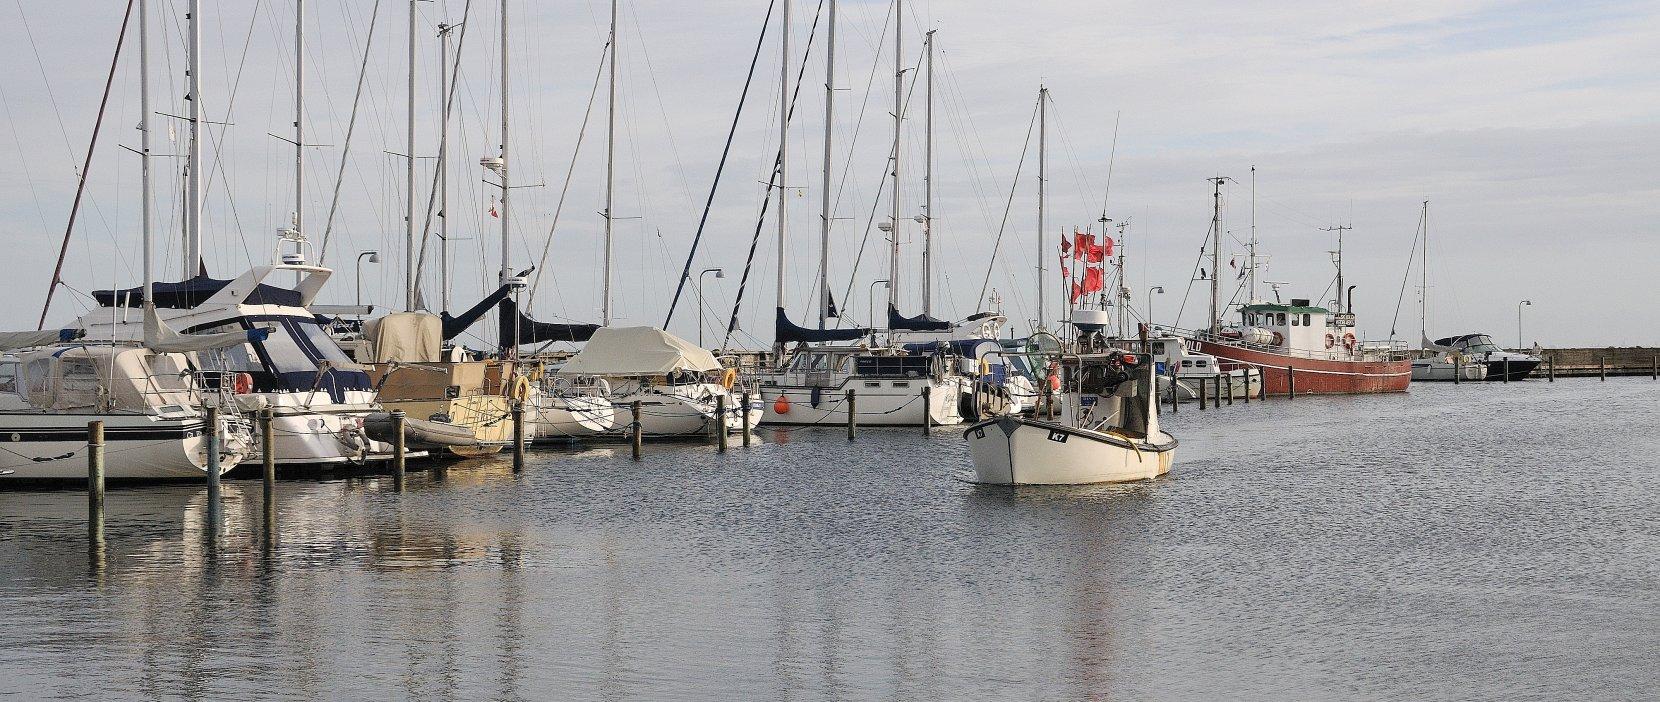 Fiskebåd på vej i havn i Vedbæk: Foto jess Kimmerslev